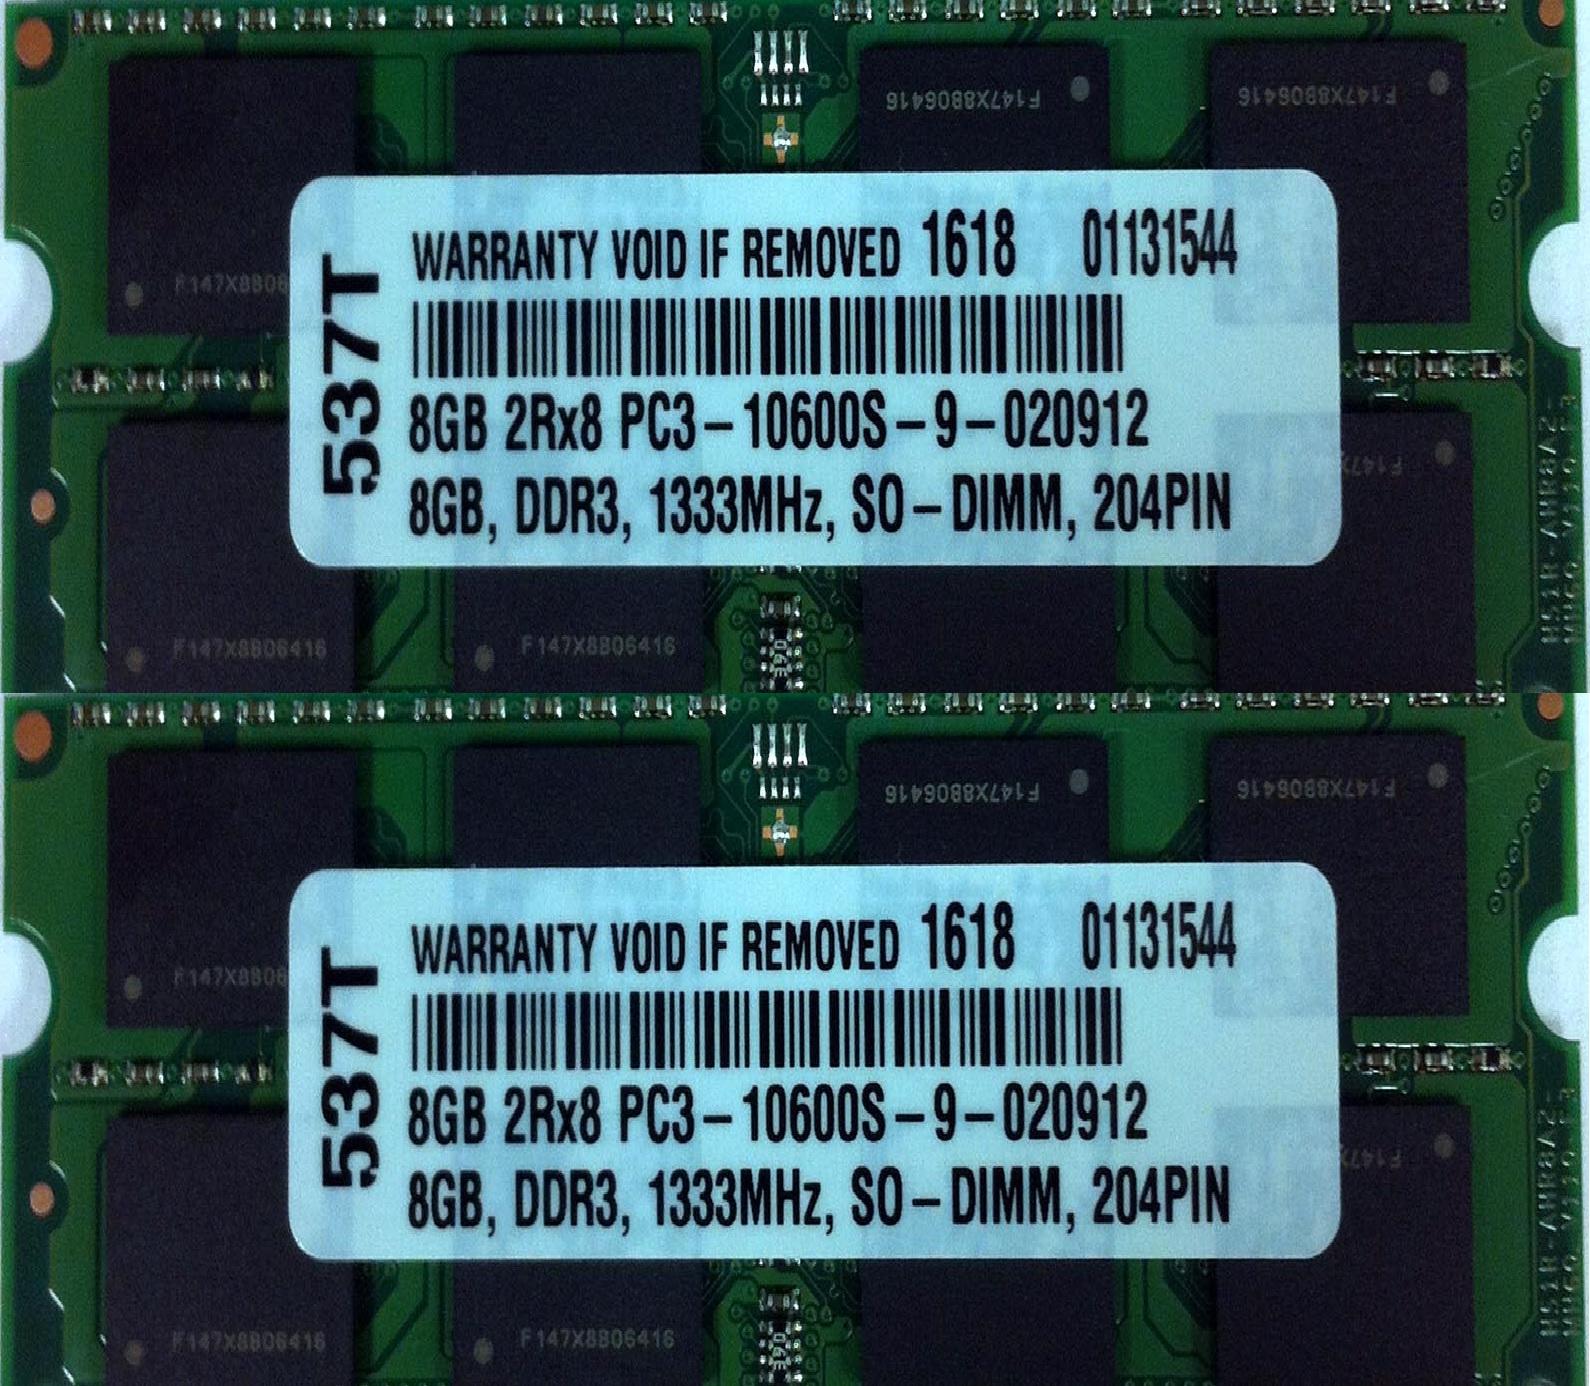 16GB (2X8GB) DDR3 PC3-10600 1333MHz CL9 4 PIN SO DIMM MEMORY RAM 4